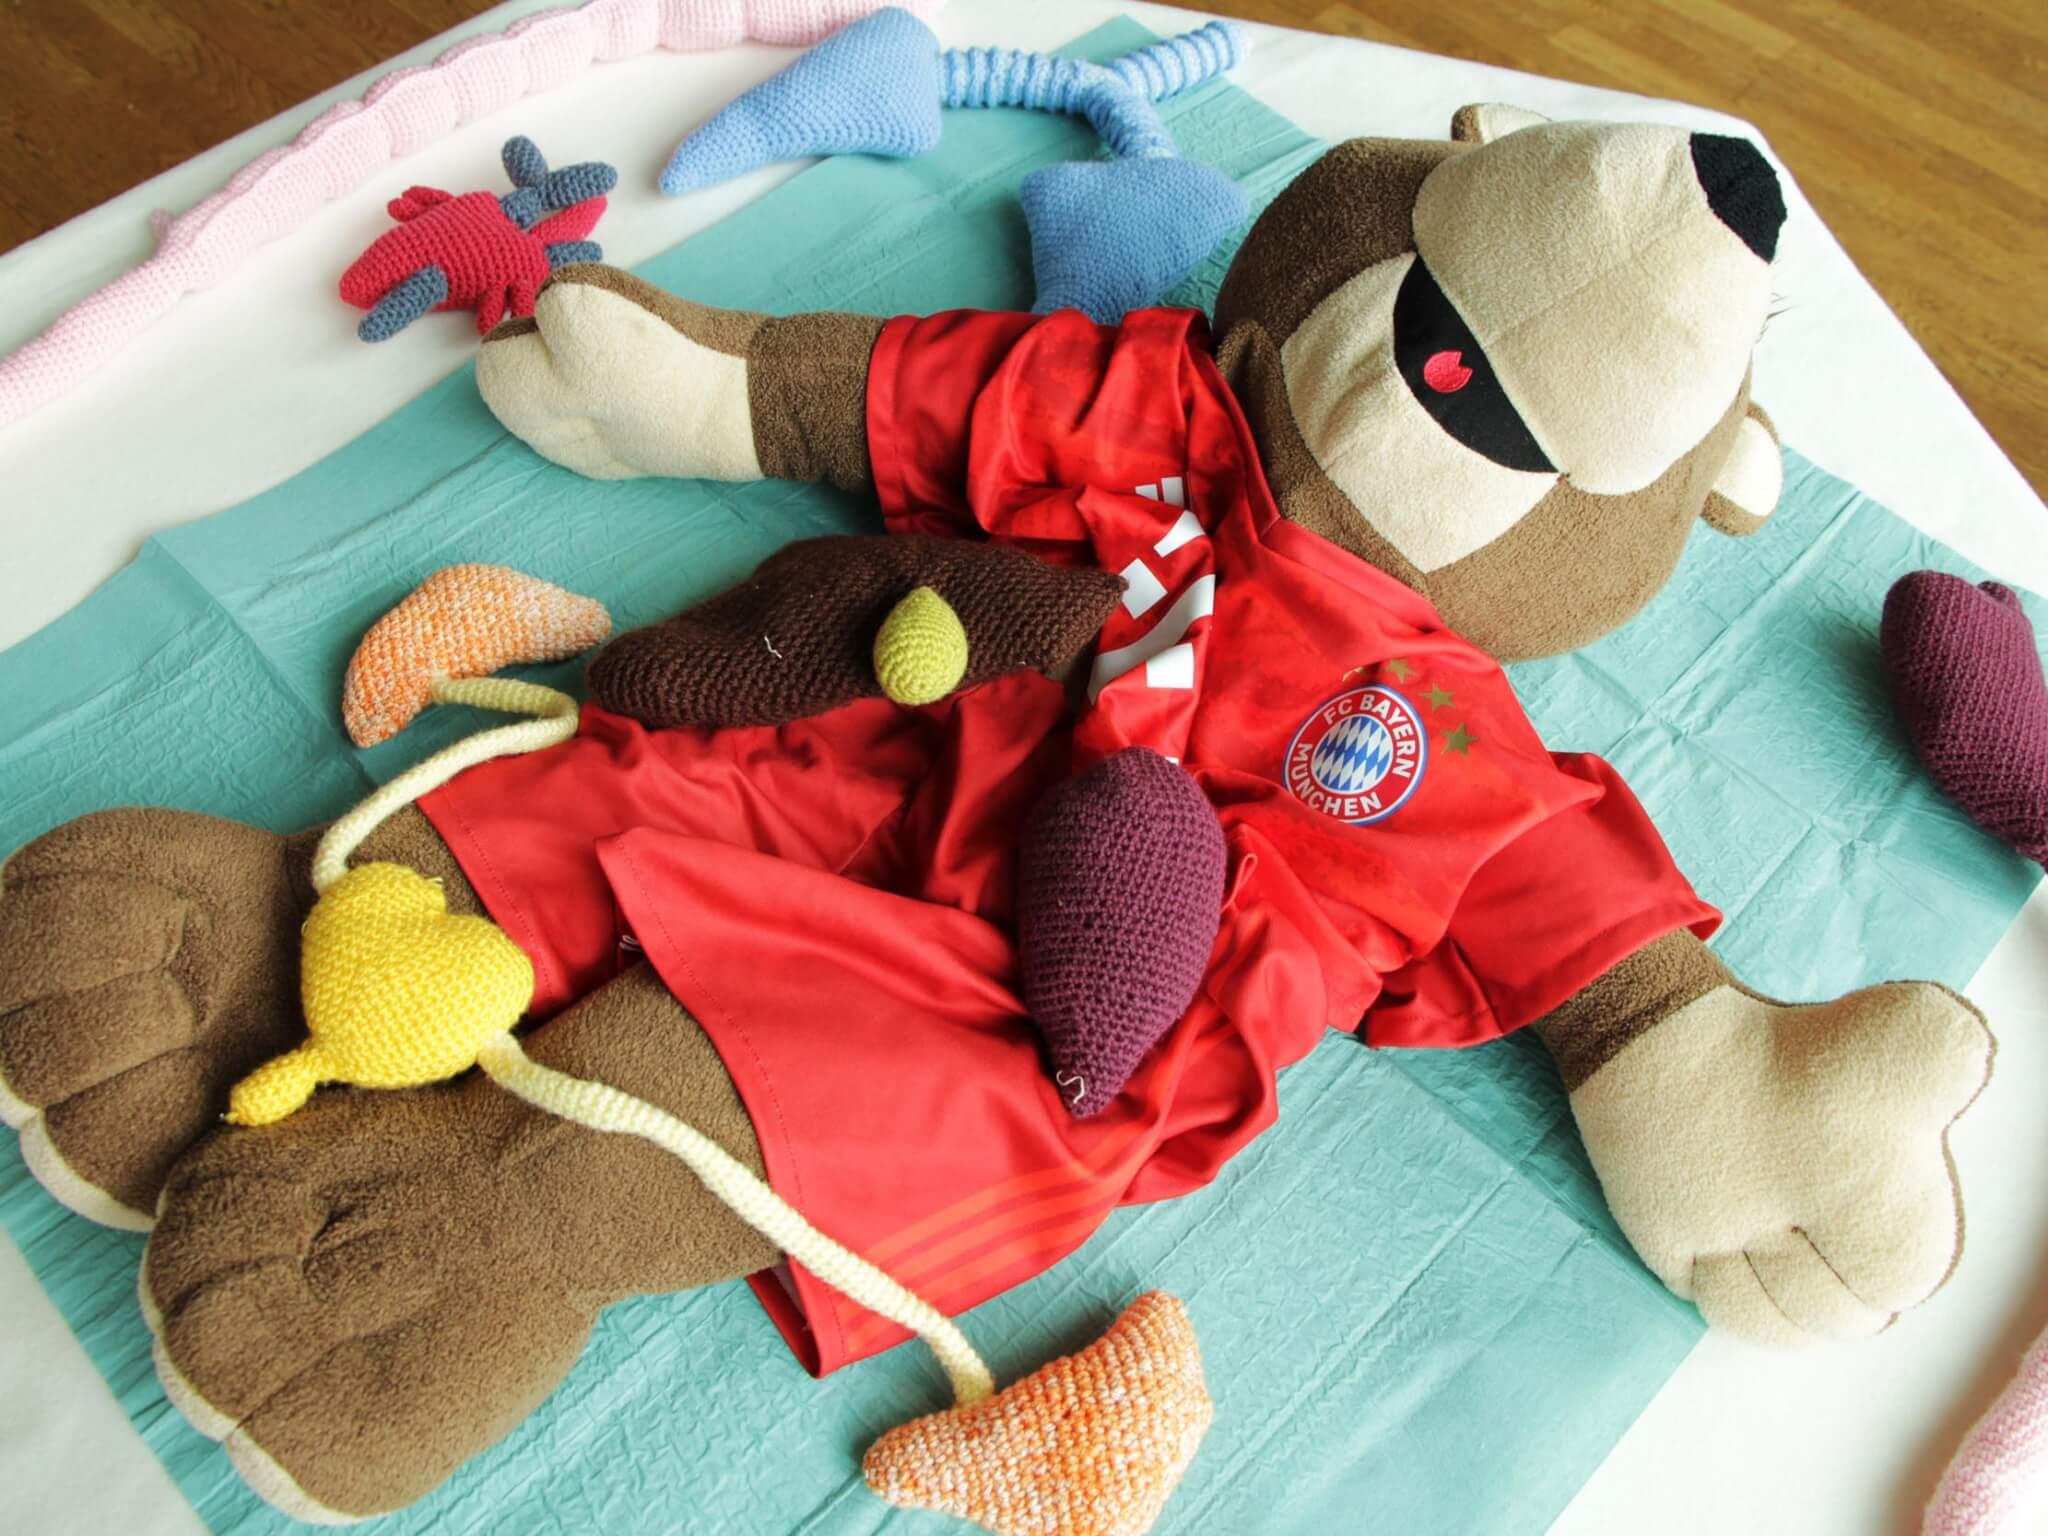 Der Organ-Bär: Alle Organe sind von einer Helferin gehäkelt und sind - im Verhältnis - in Lebensgöße dargestellt.